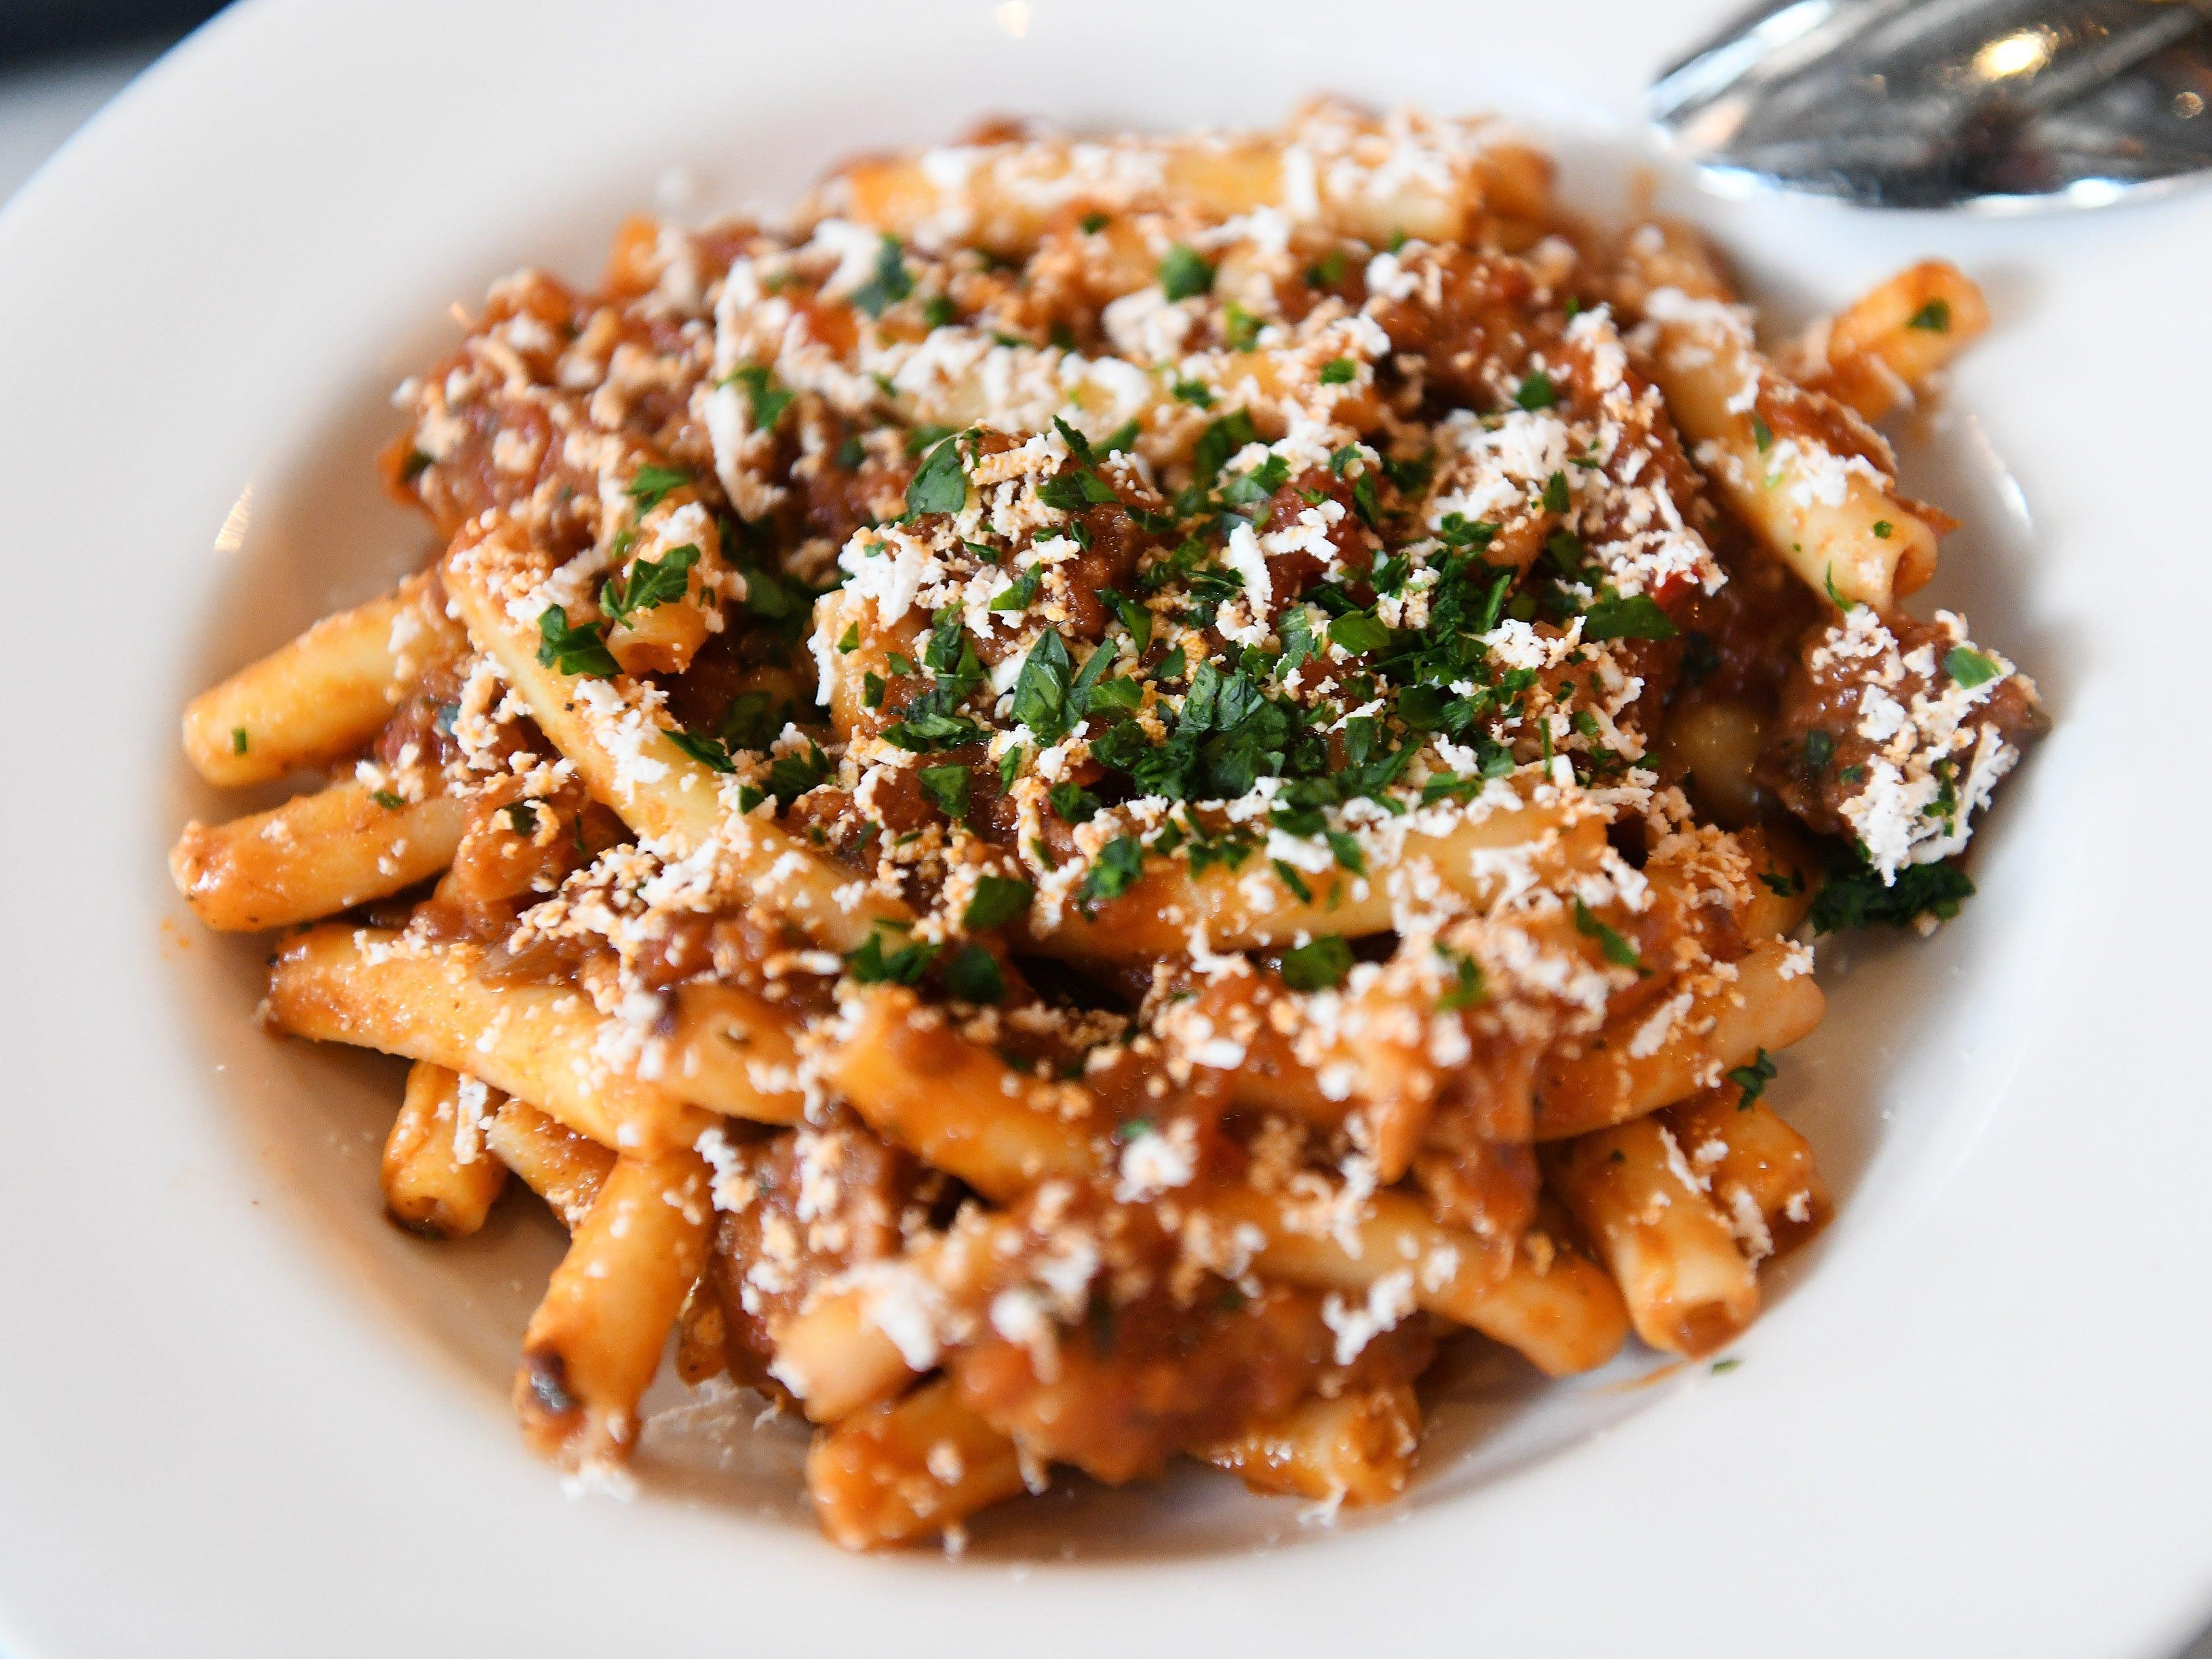 Spaccatelli pasta with pork sausage, braised chicken, smoked tomato sauce.